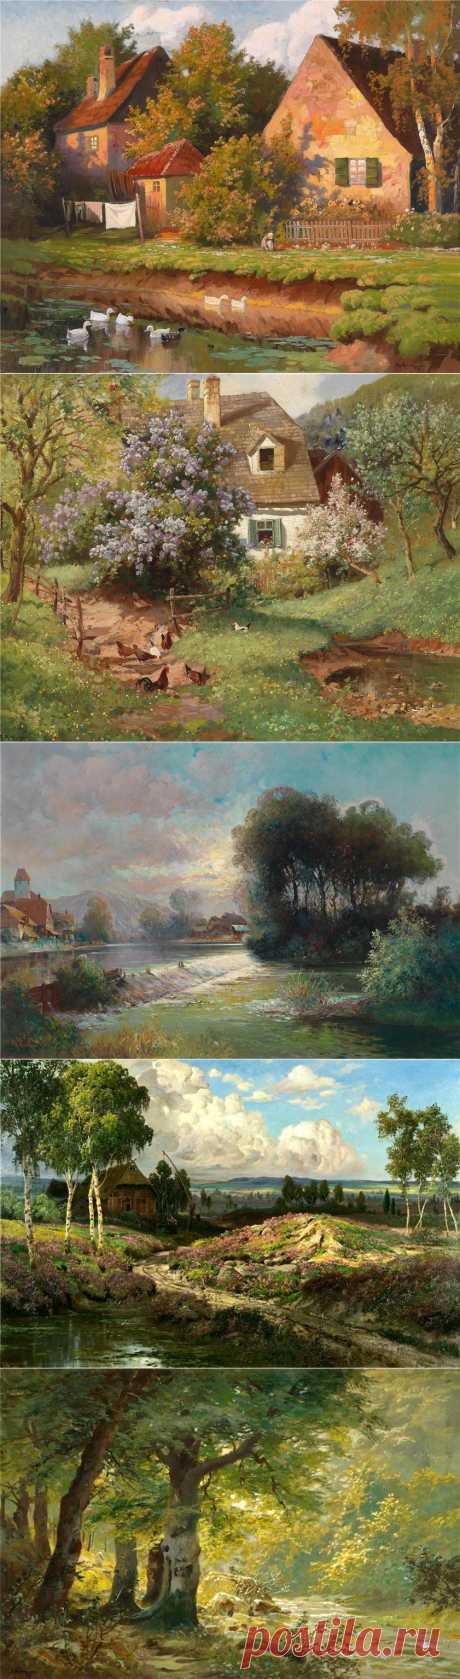 Пейзажи...Времена года...| Alois Arnegger.